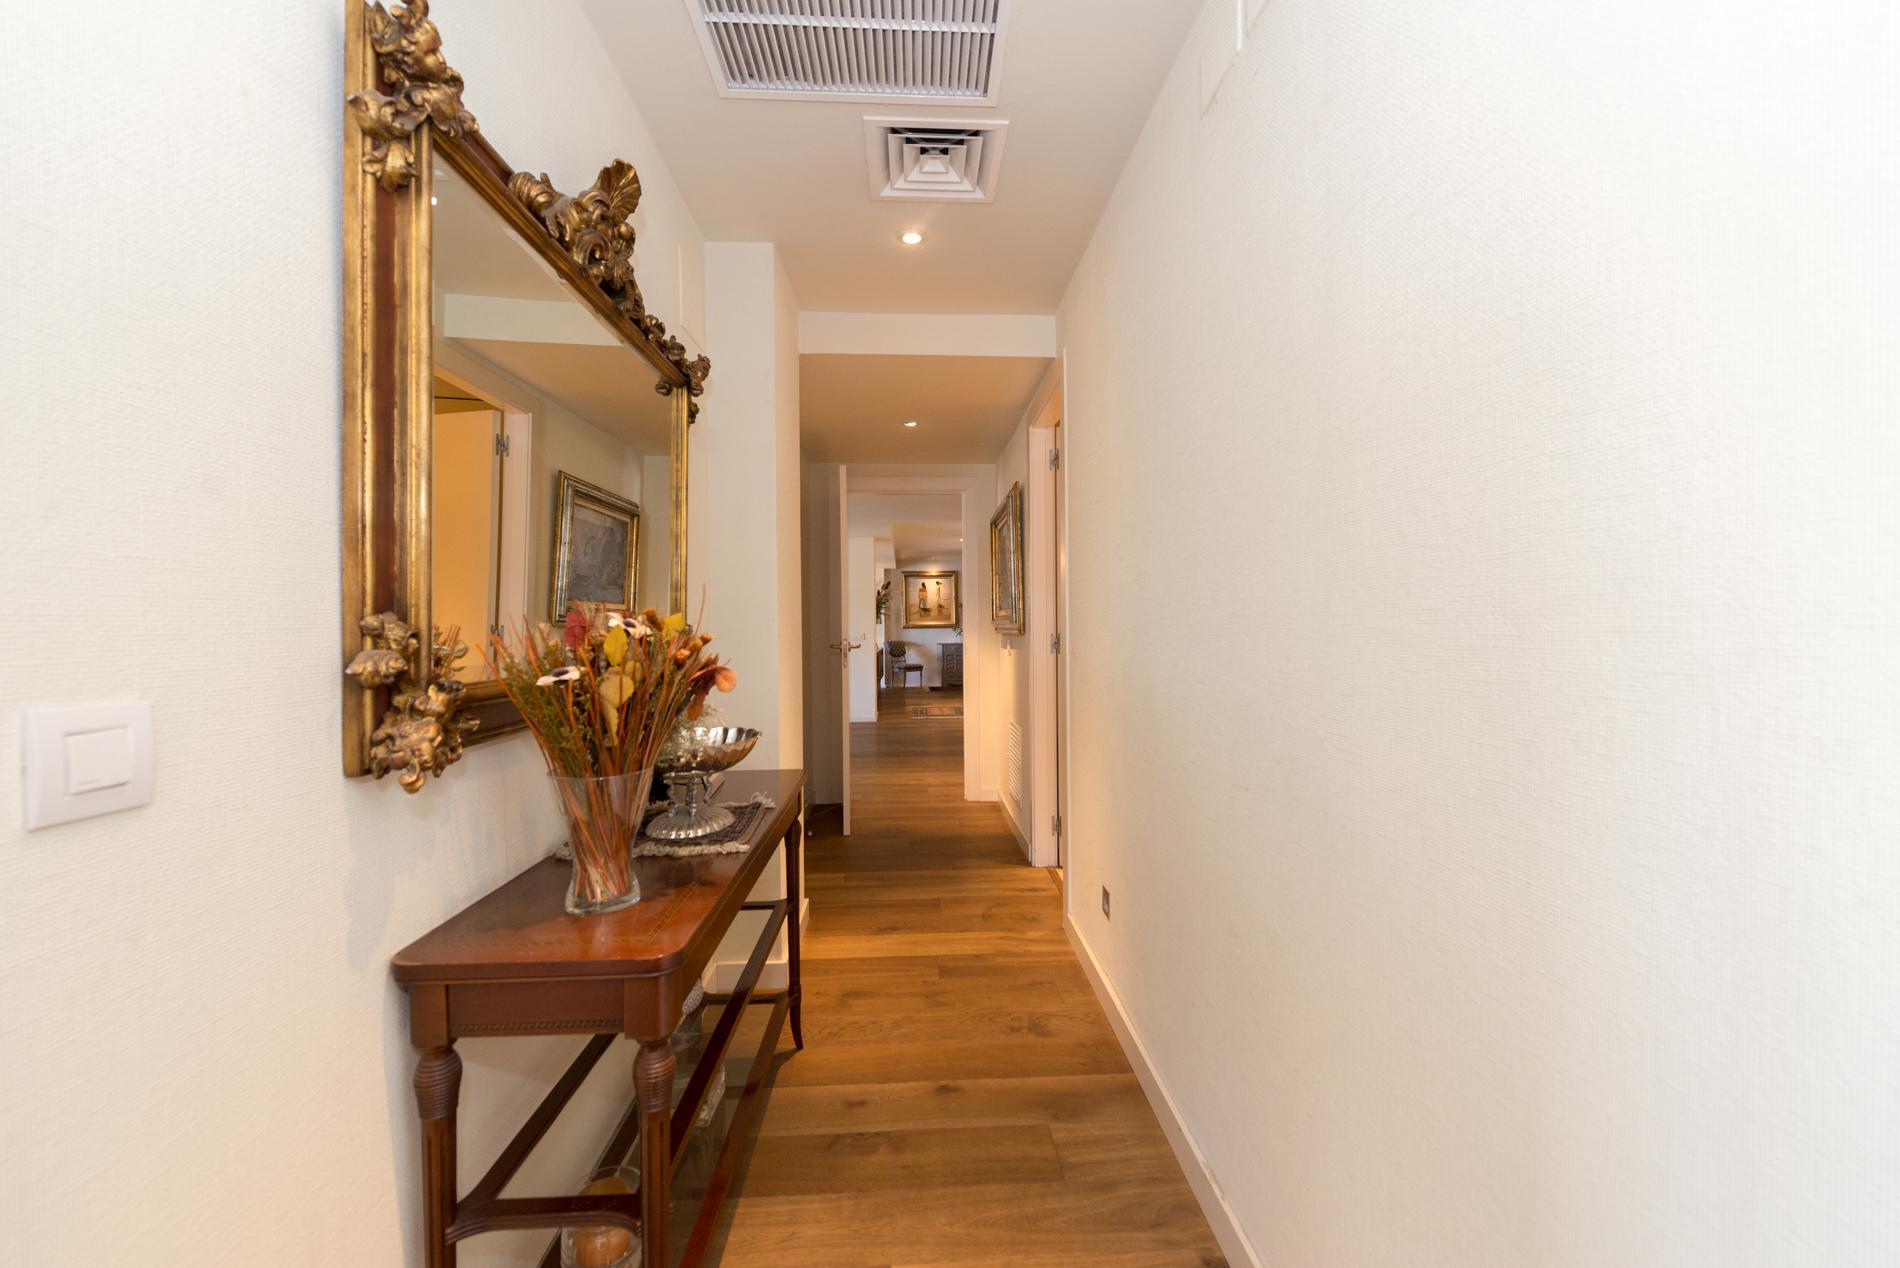 222426 Apartment for sale in Eixample, Dreta Eixample 16